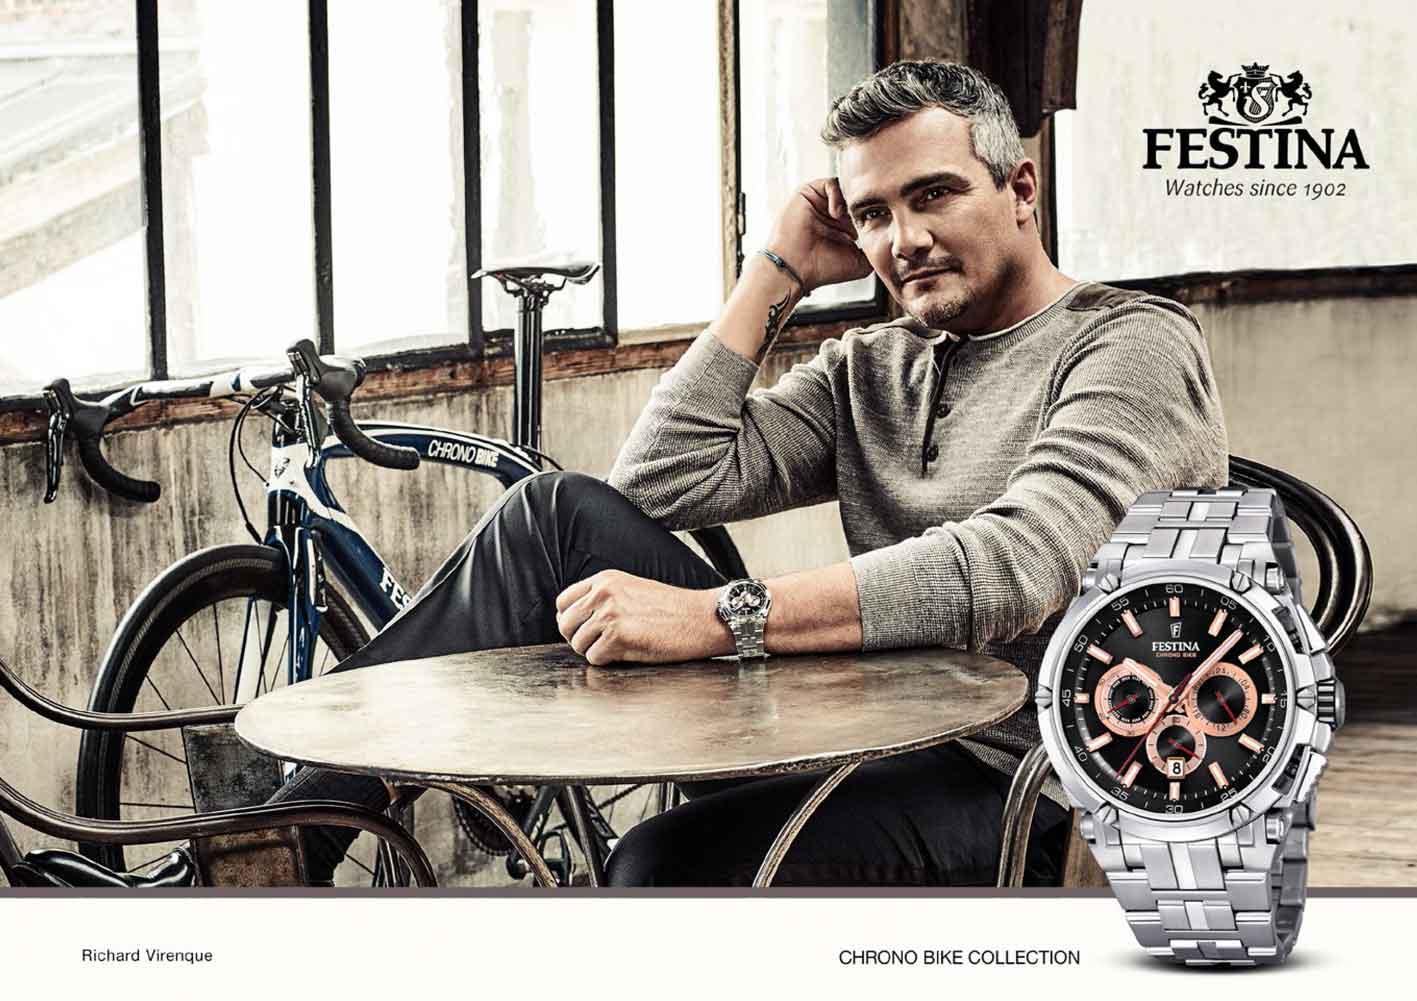 Colección-relojes-Festina-crono-bike